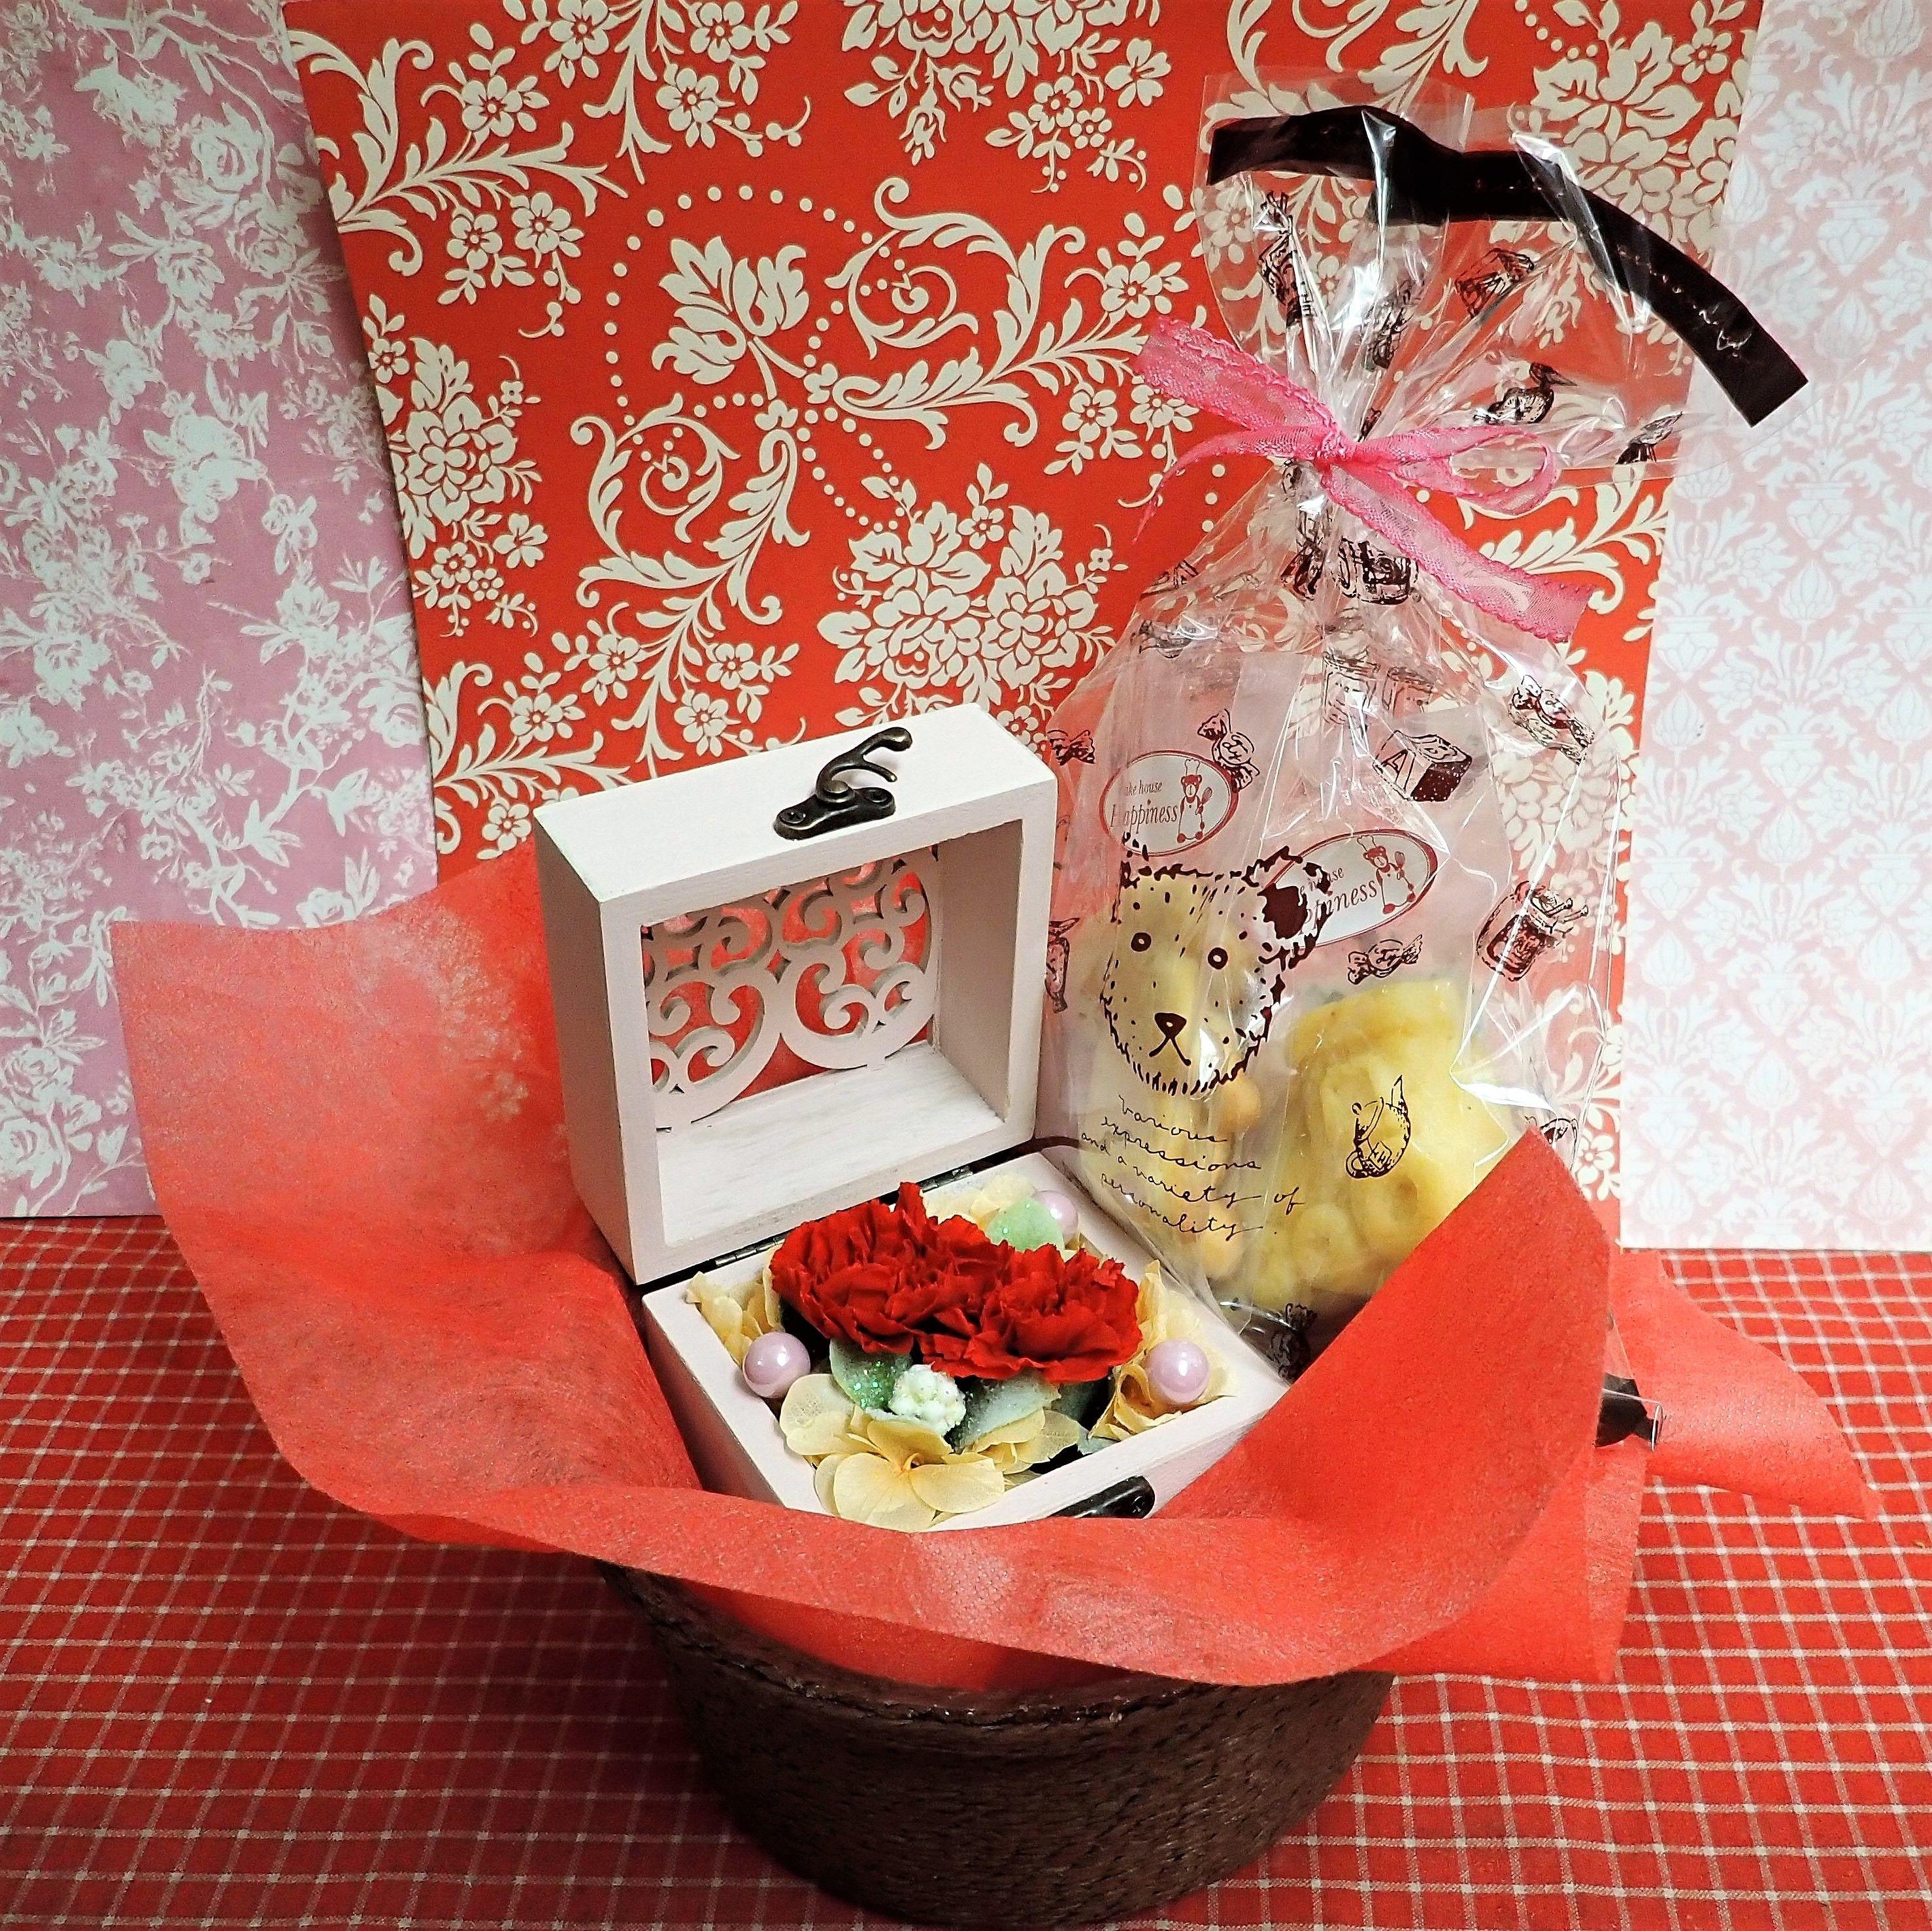 ハート柄の木箱にアレンジしたカーネーションのプリザーブドフラワーと野菜や果物を使った焼き菓子2袋のギフトセット♪